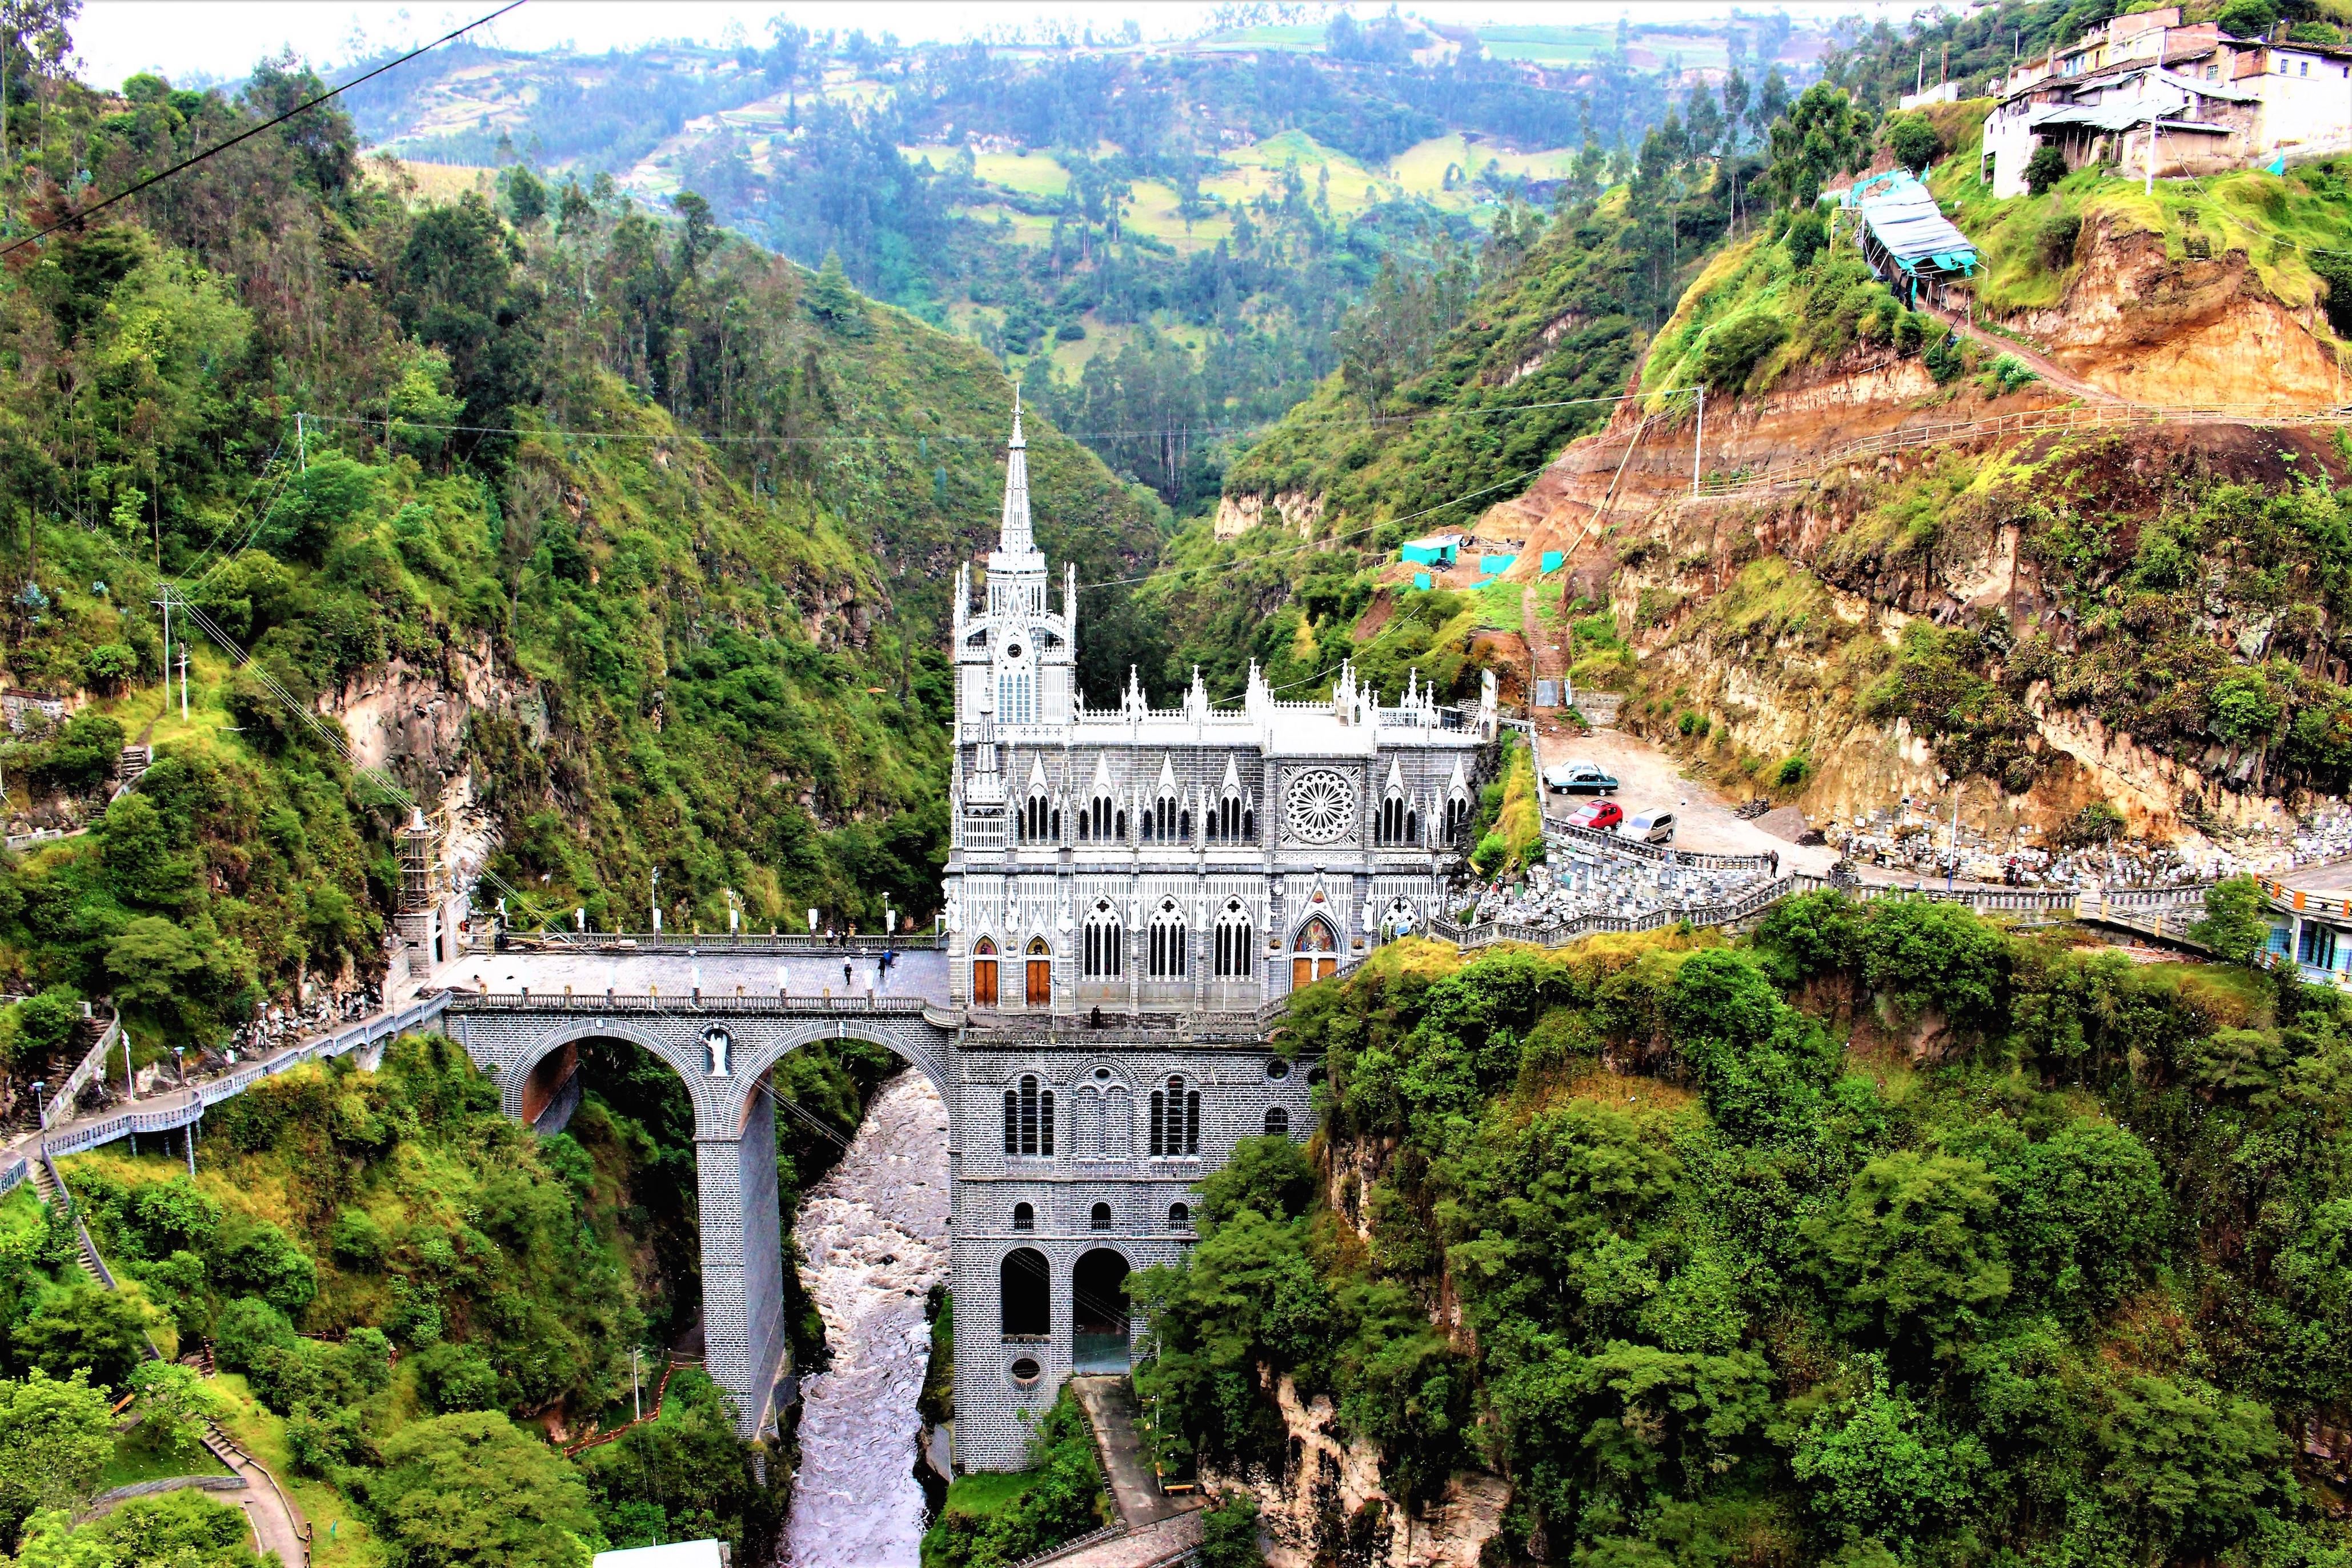 世界一周旅行南米コロンビア絶景観光スポットラス・ラハスの教会